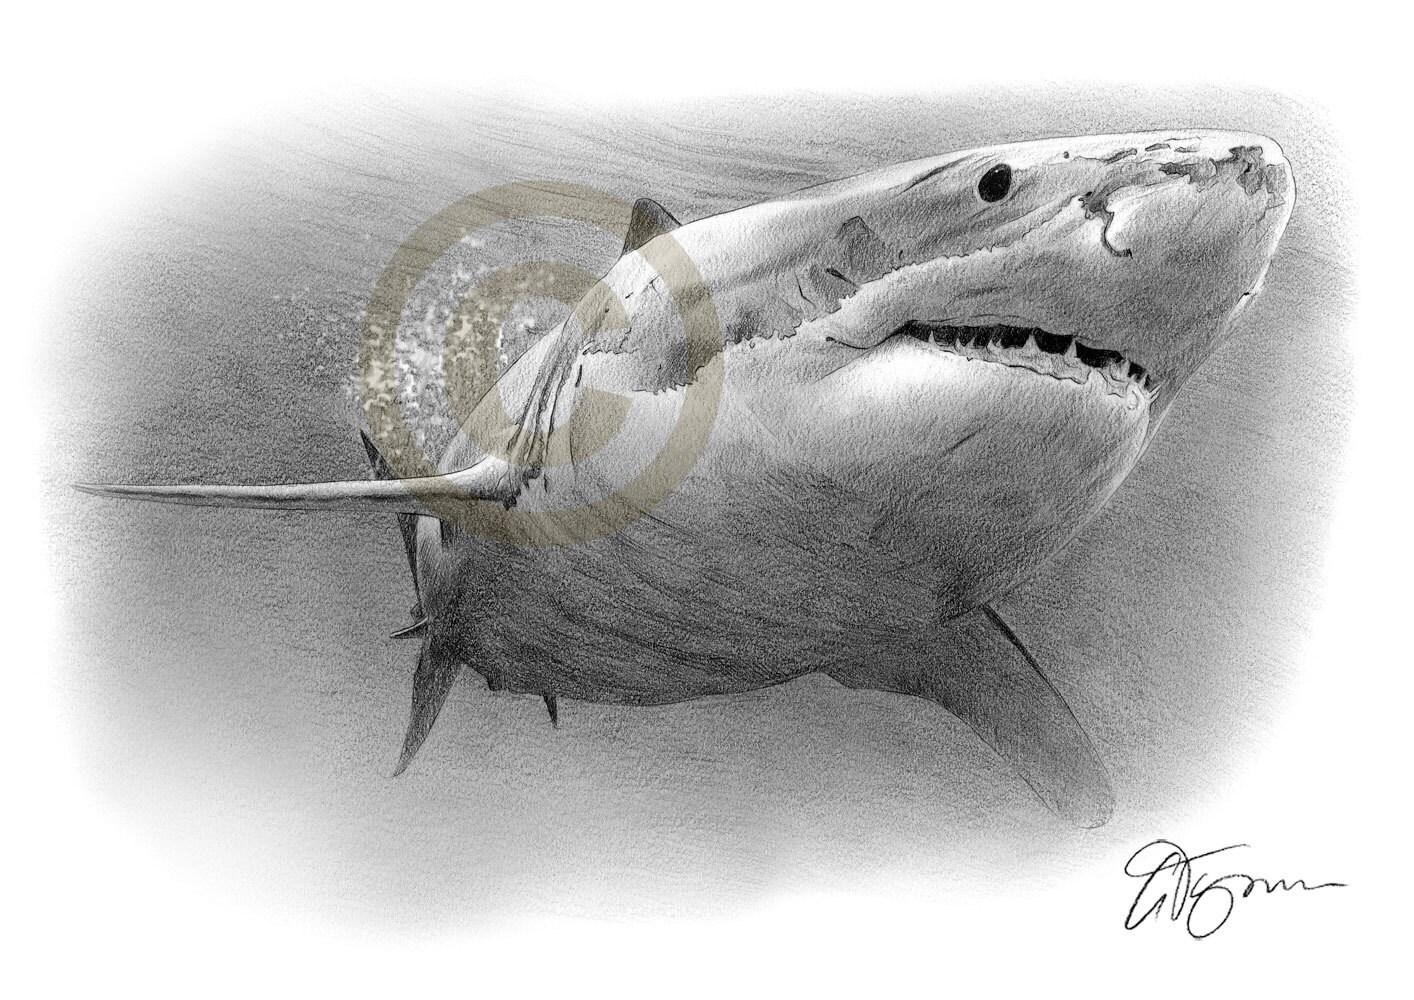 Grande squalo bianco matita disegno stampa formato a4 for Disegno squalo bianco